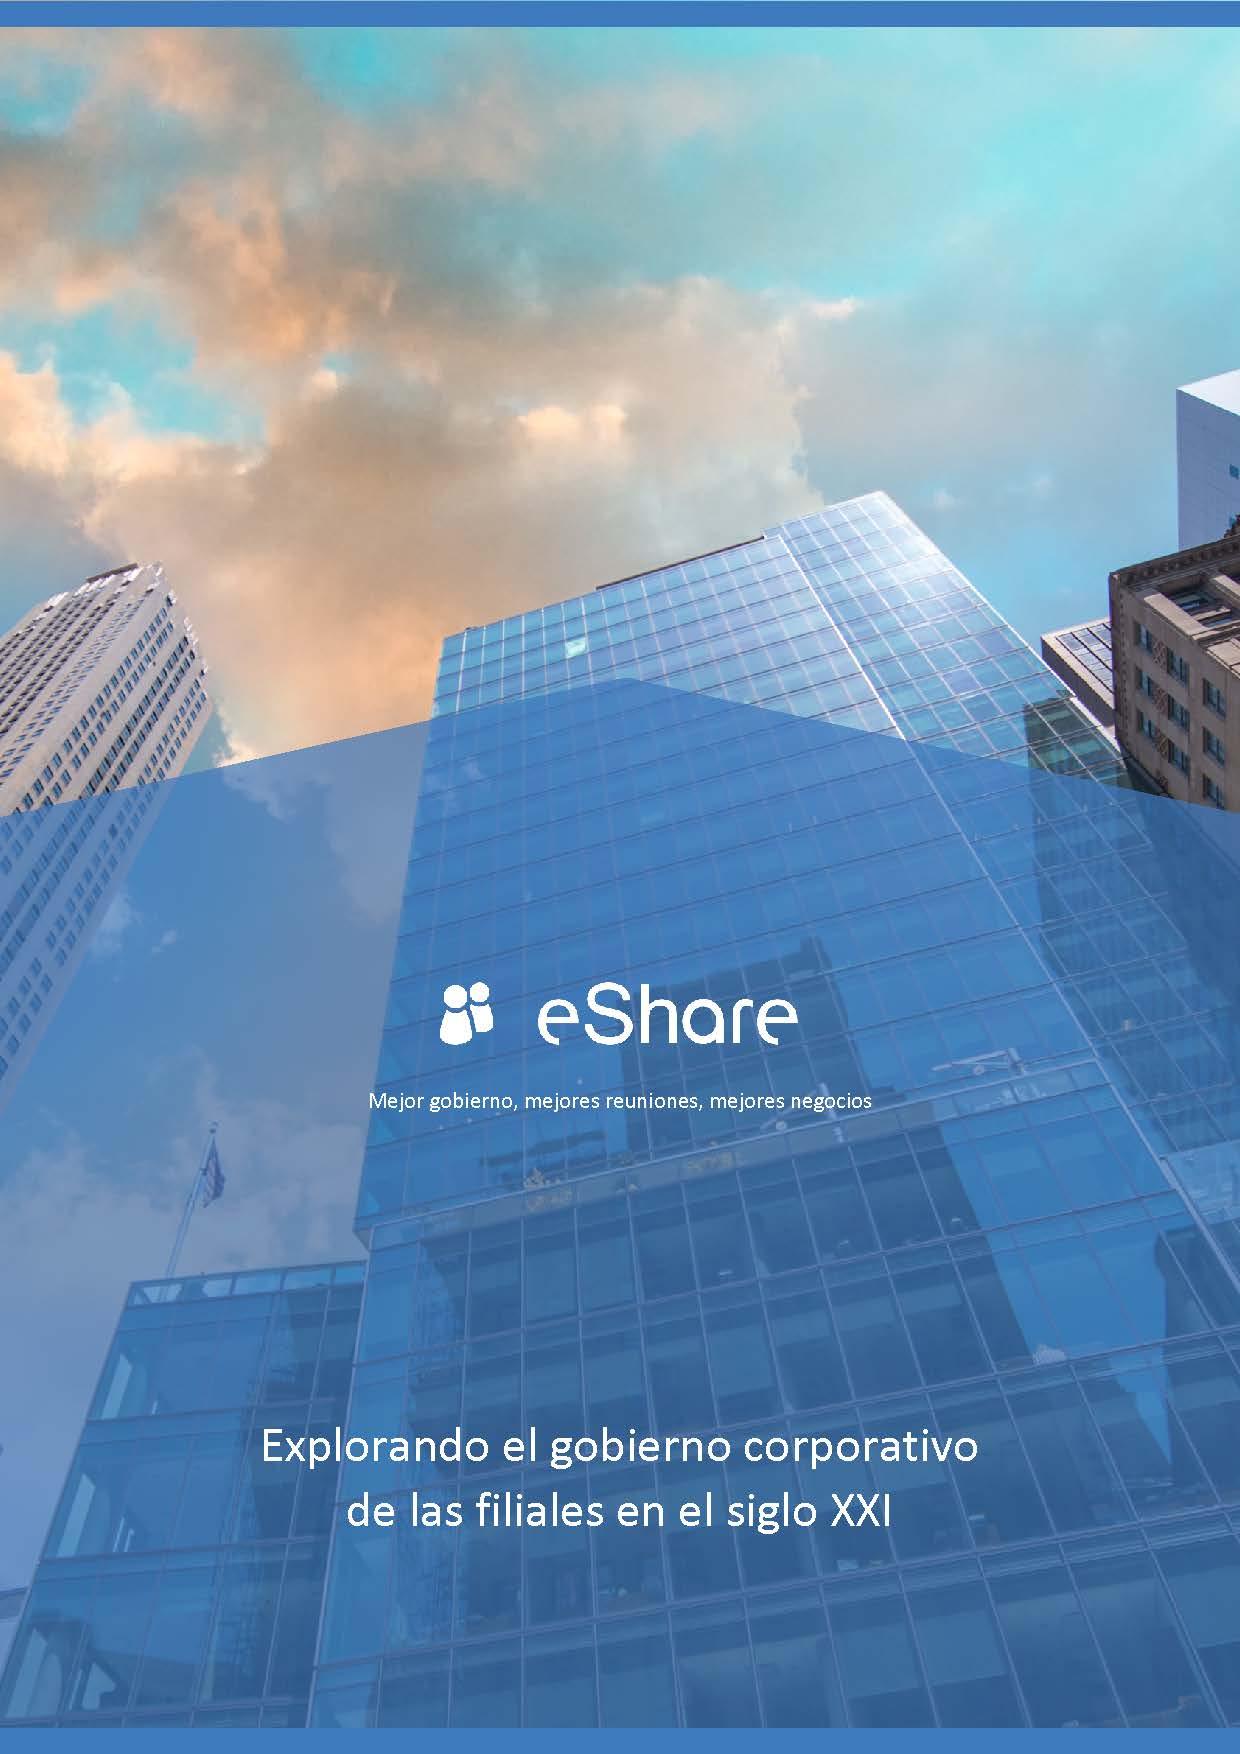 Explorando el gobierno corporativo de las filiales en el siglo XXI